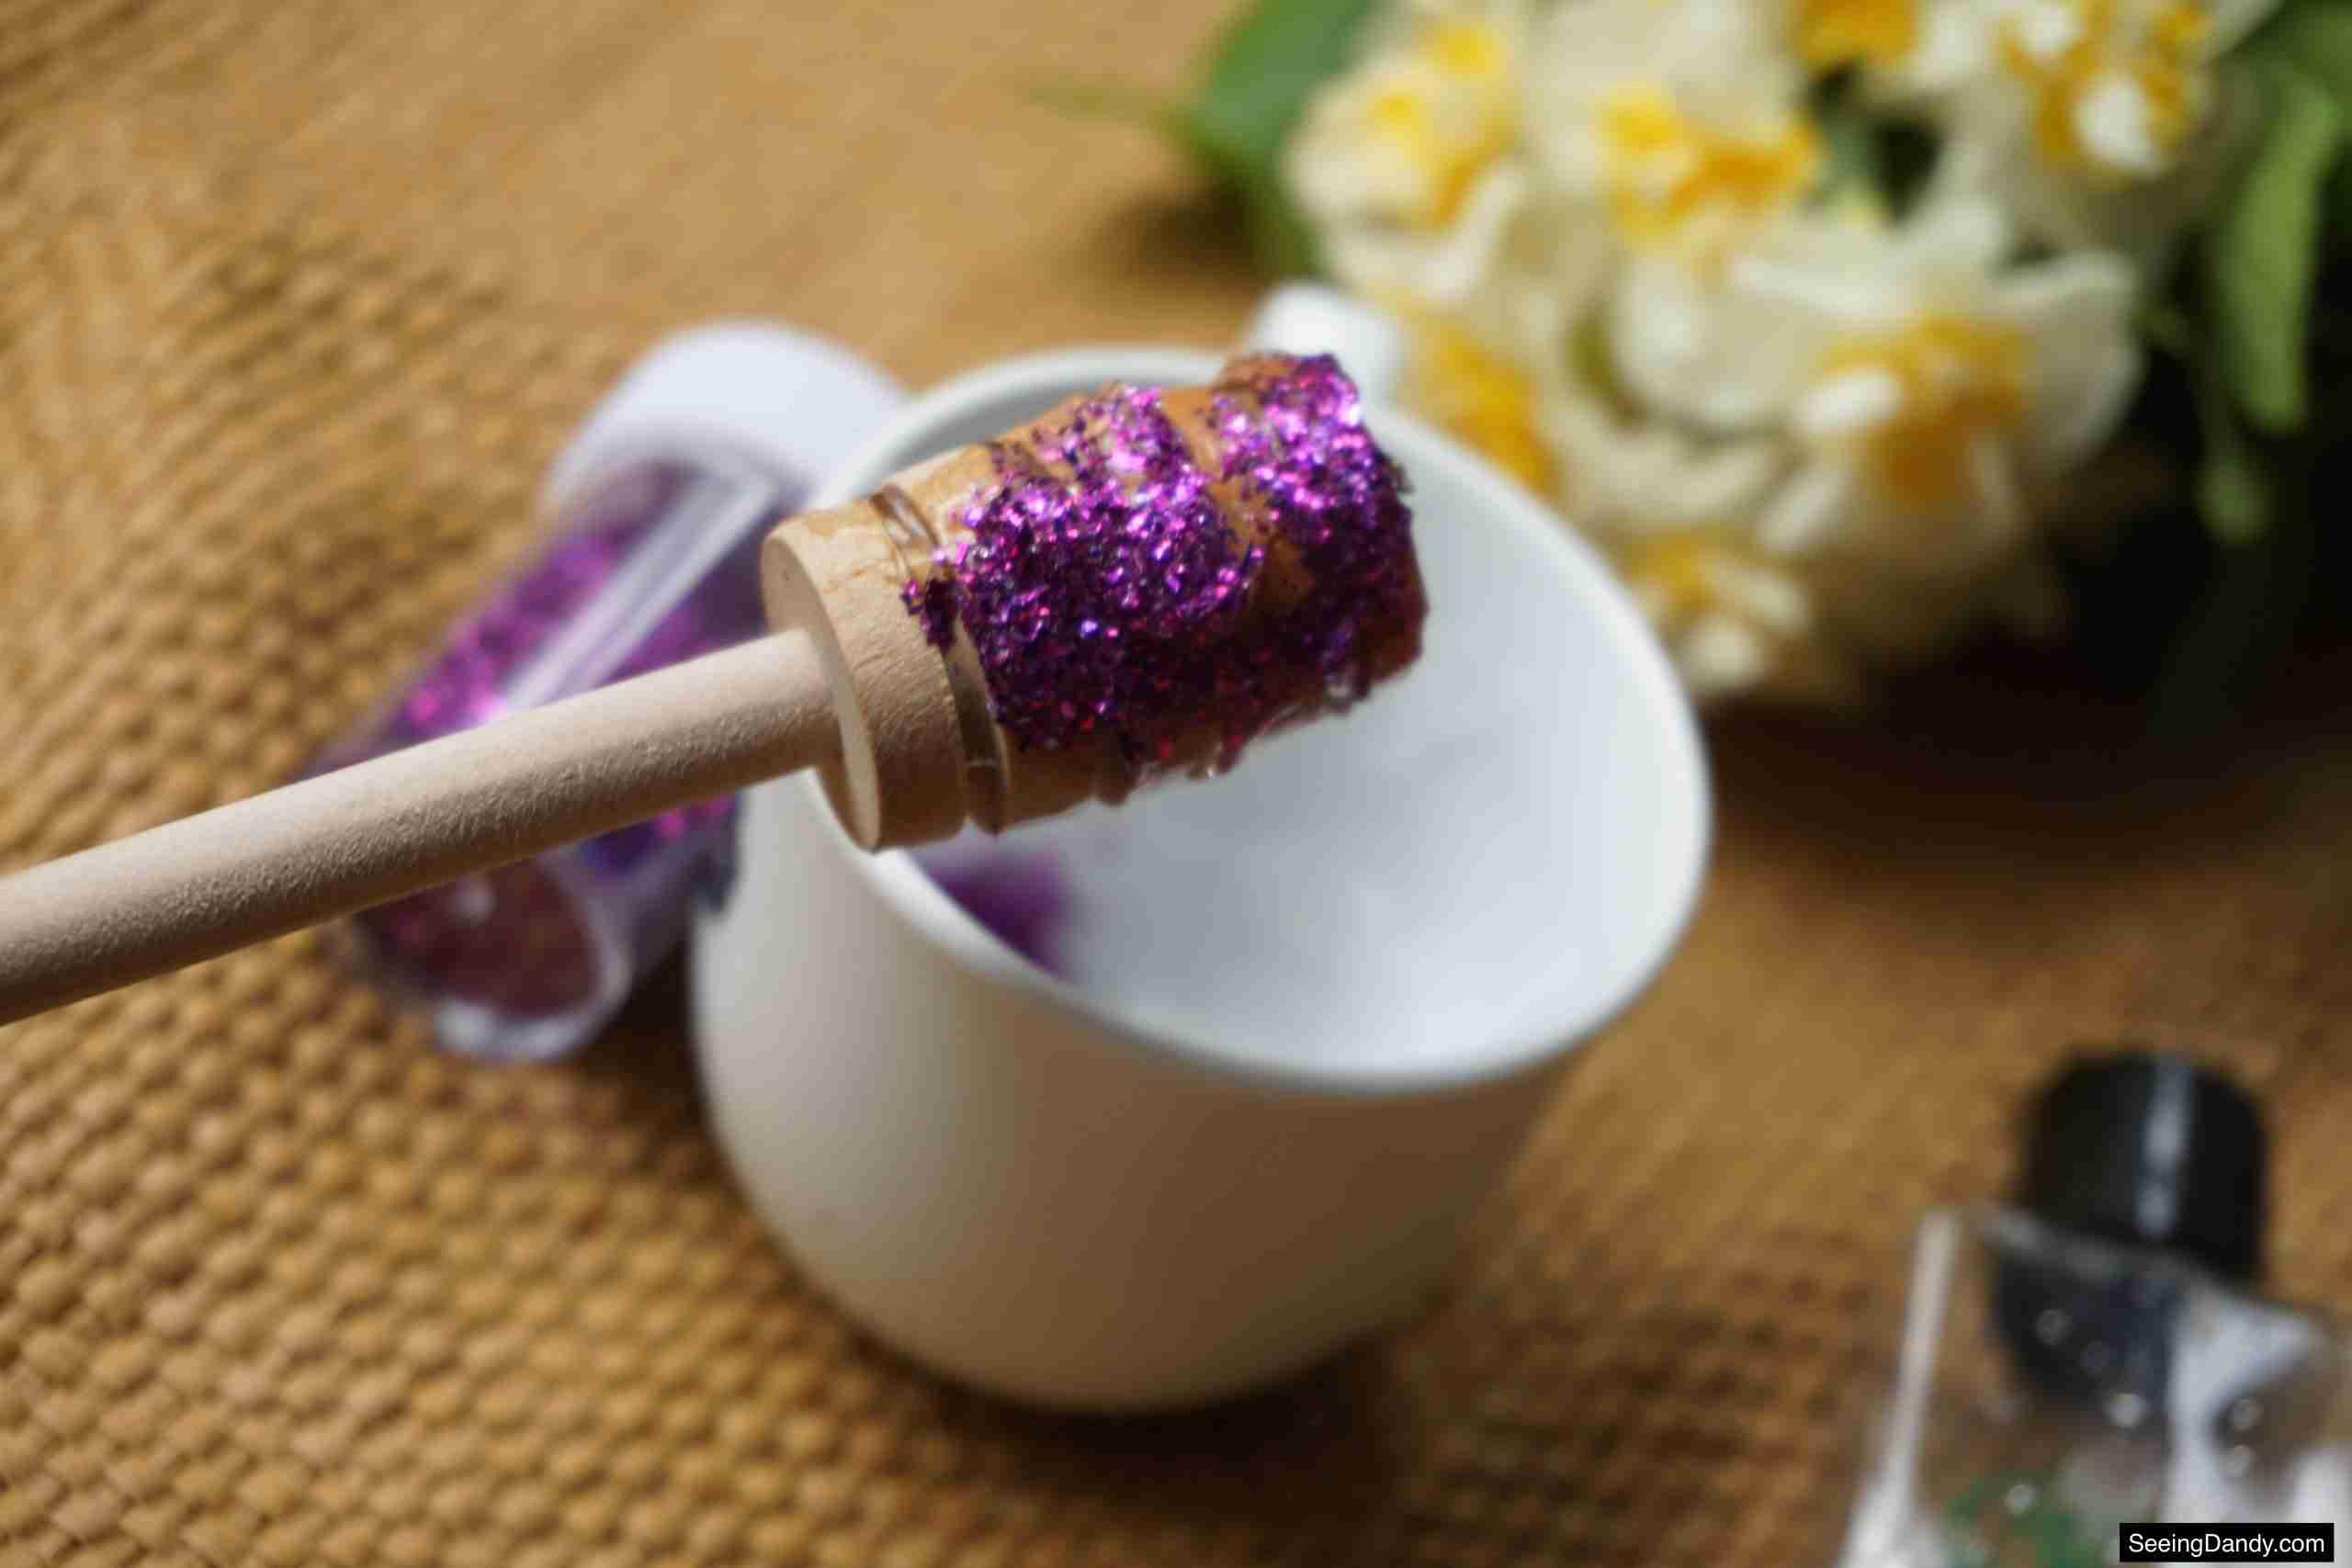 honey dipper stick, jute rug, white tea cup, purple glitter